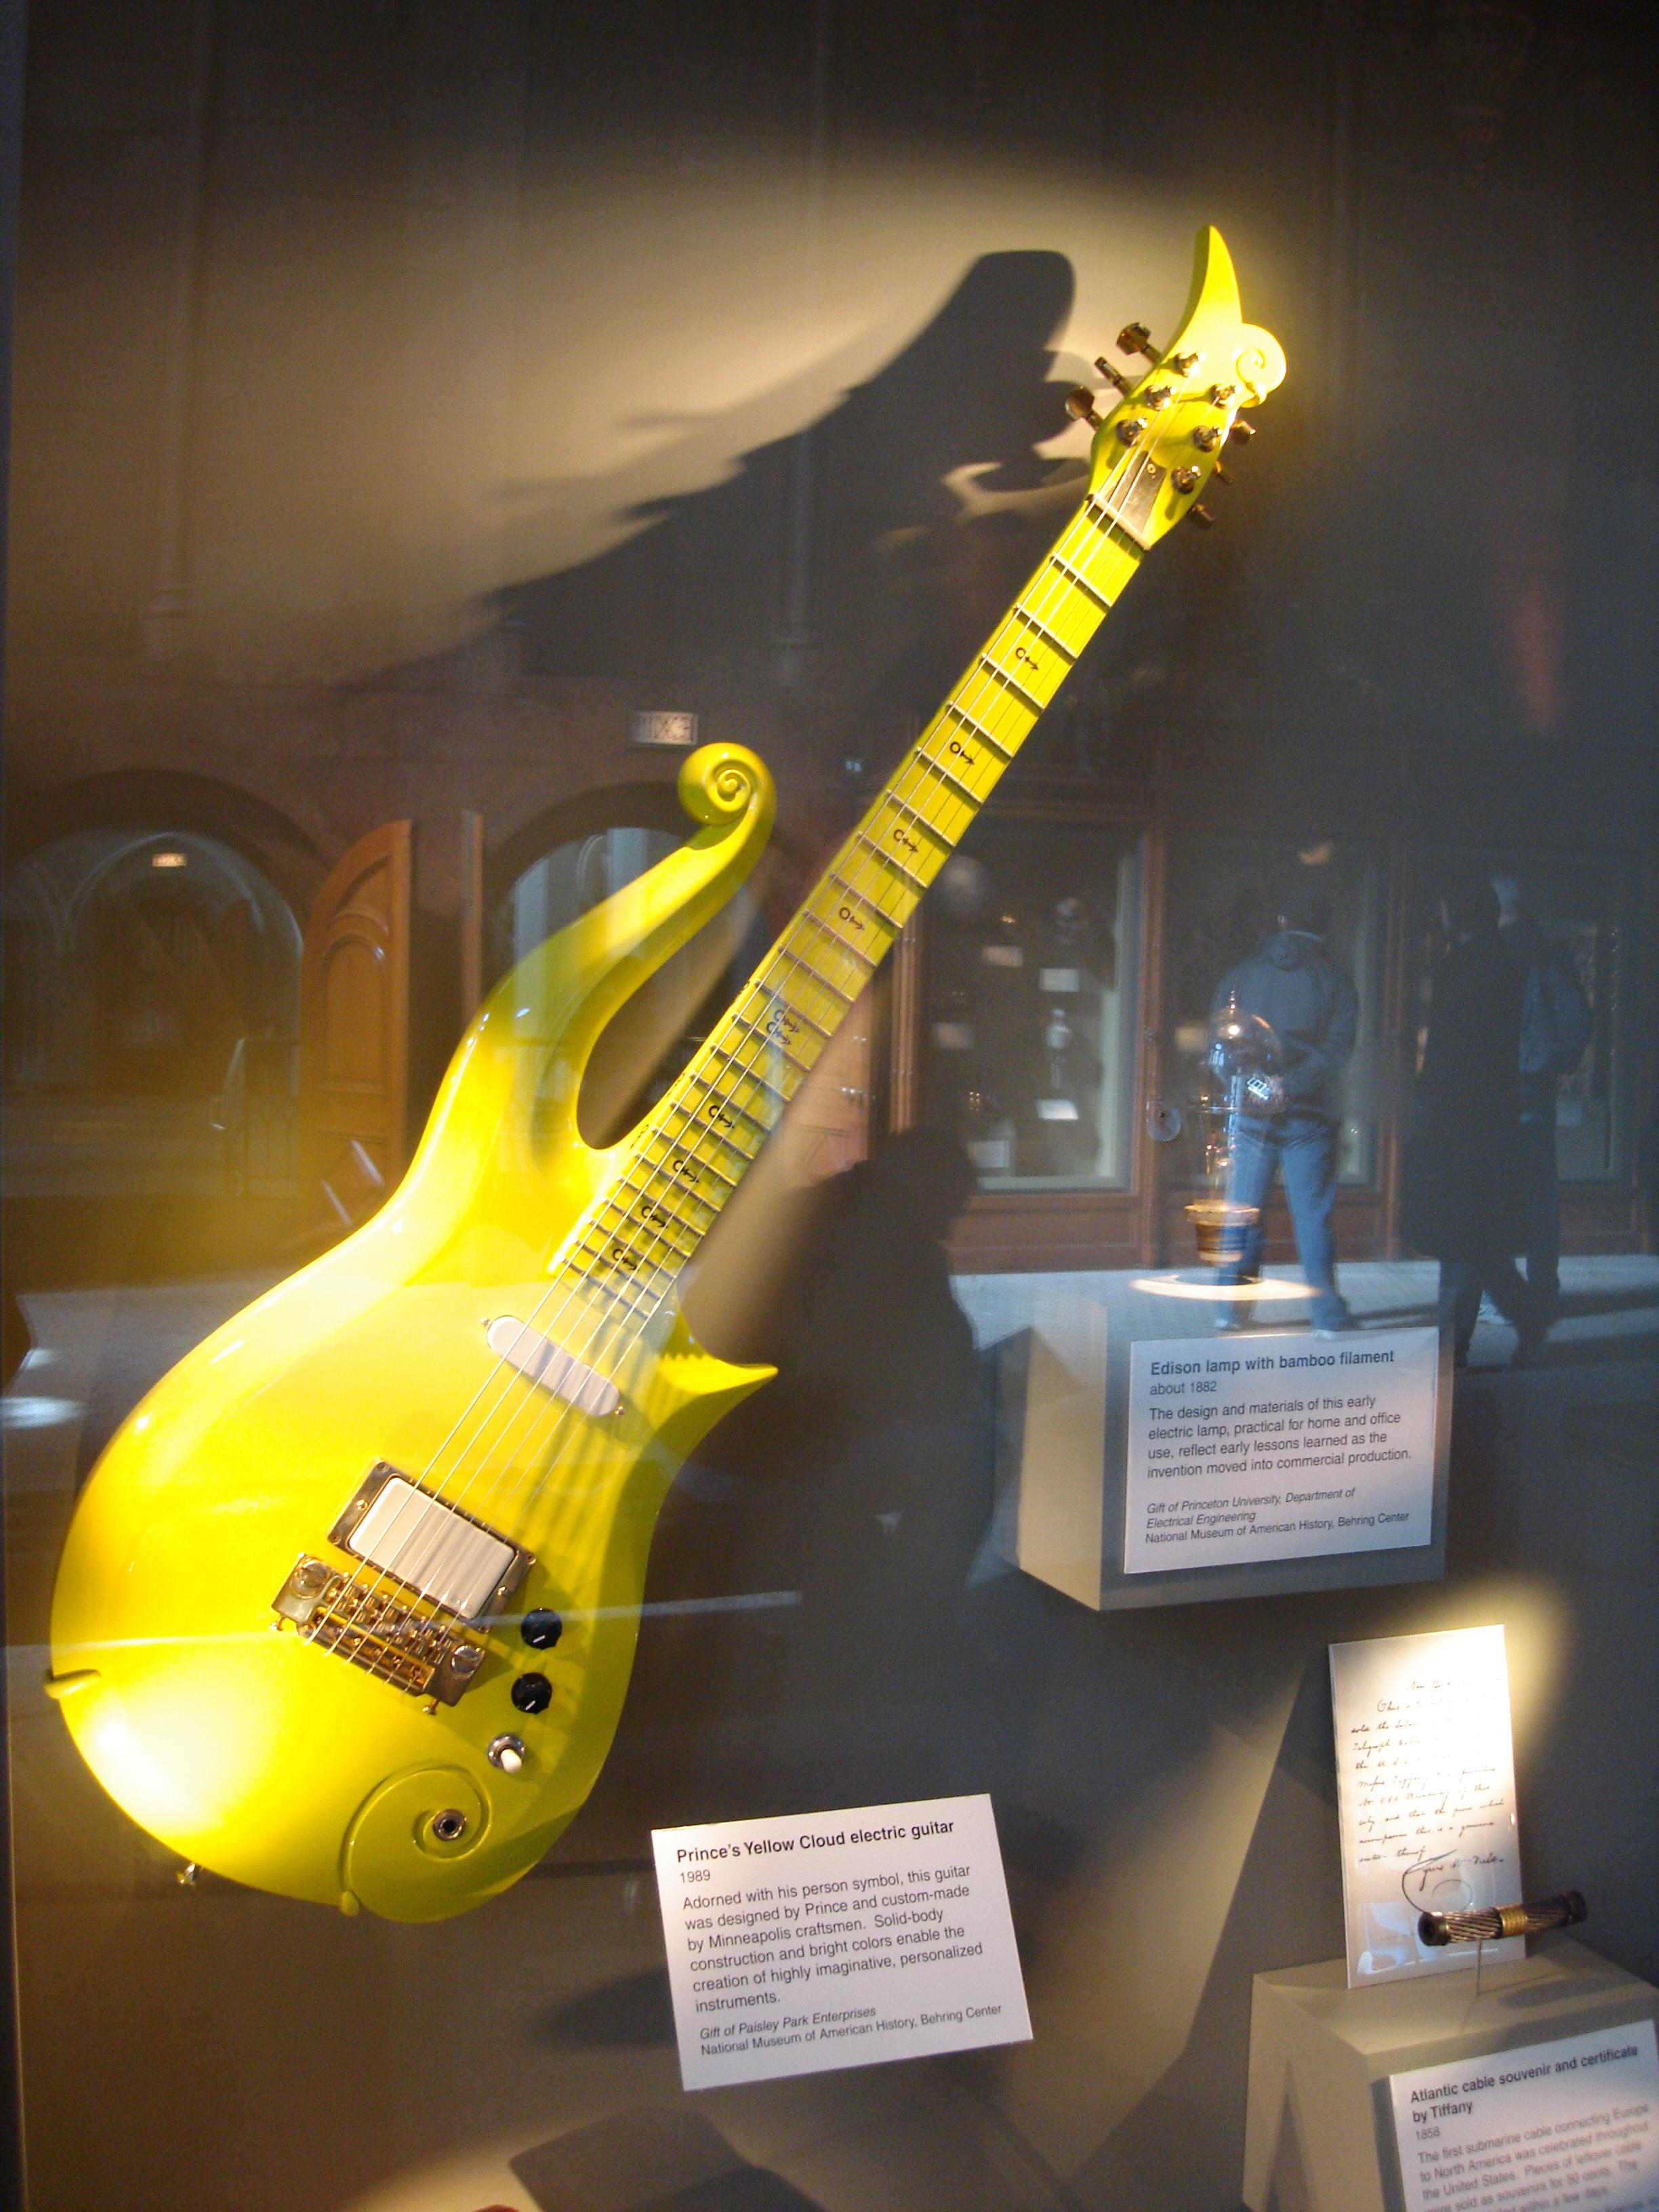 Fileprince guitar smithsonian 20060219g wikimedia commons fileprince guitar smithsonian 20060219g buycottarizona